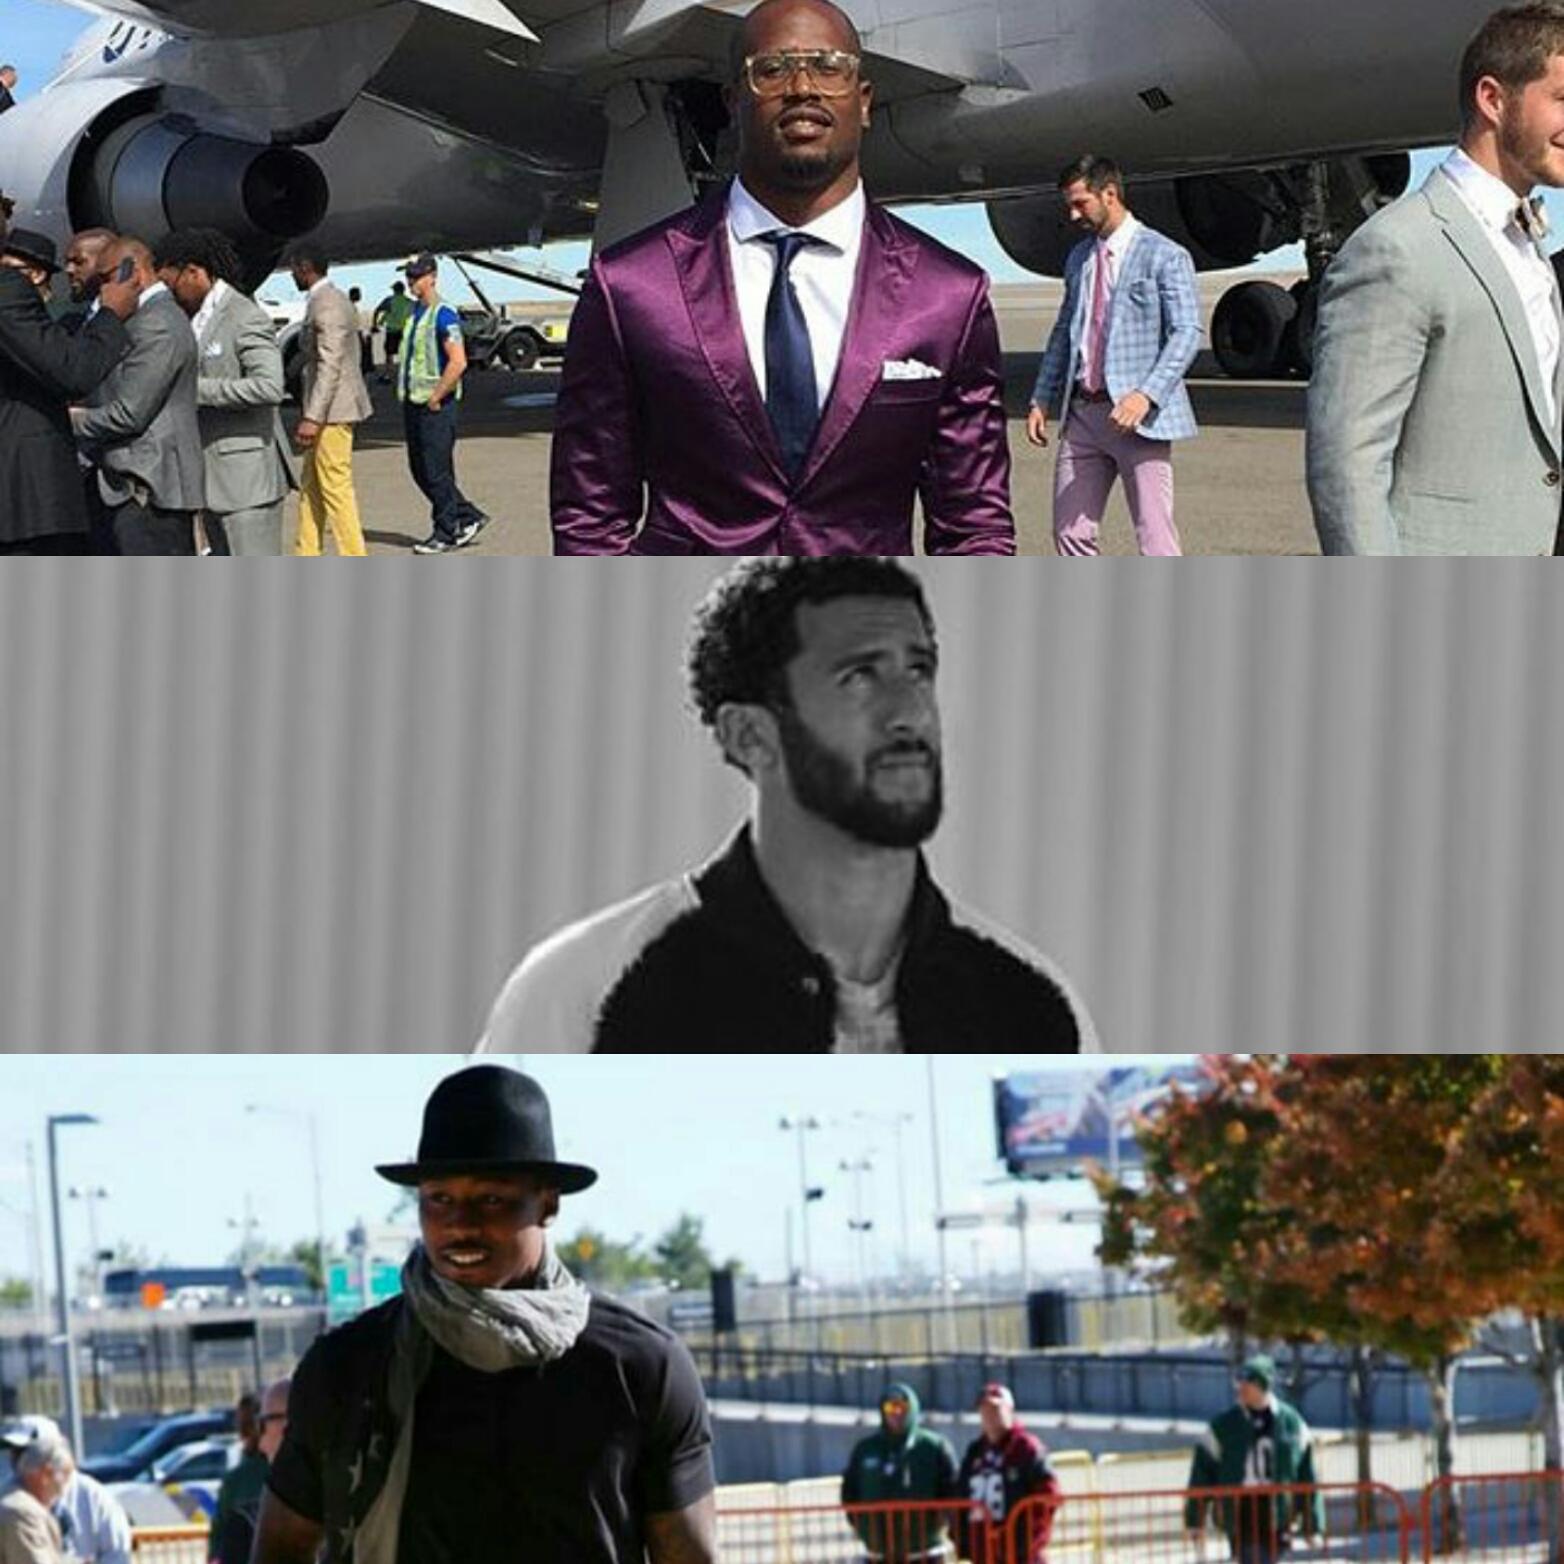 STYLE: Brandon Marshall, Von Miller, Drew Brees & More